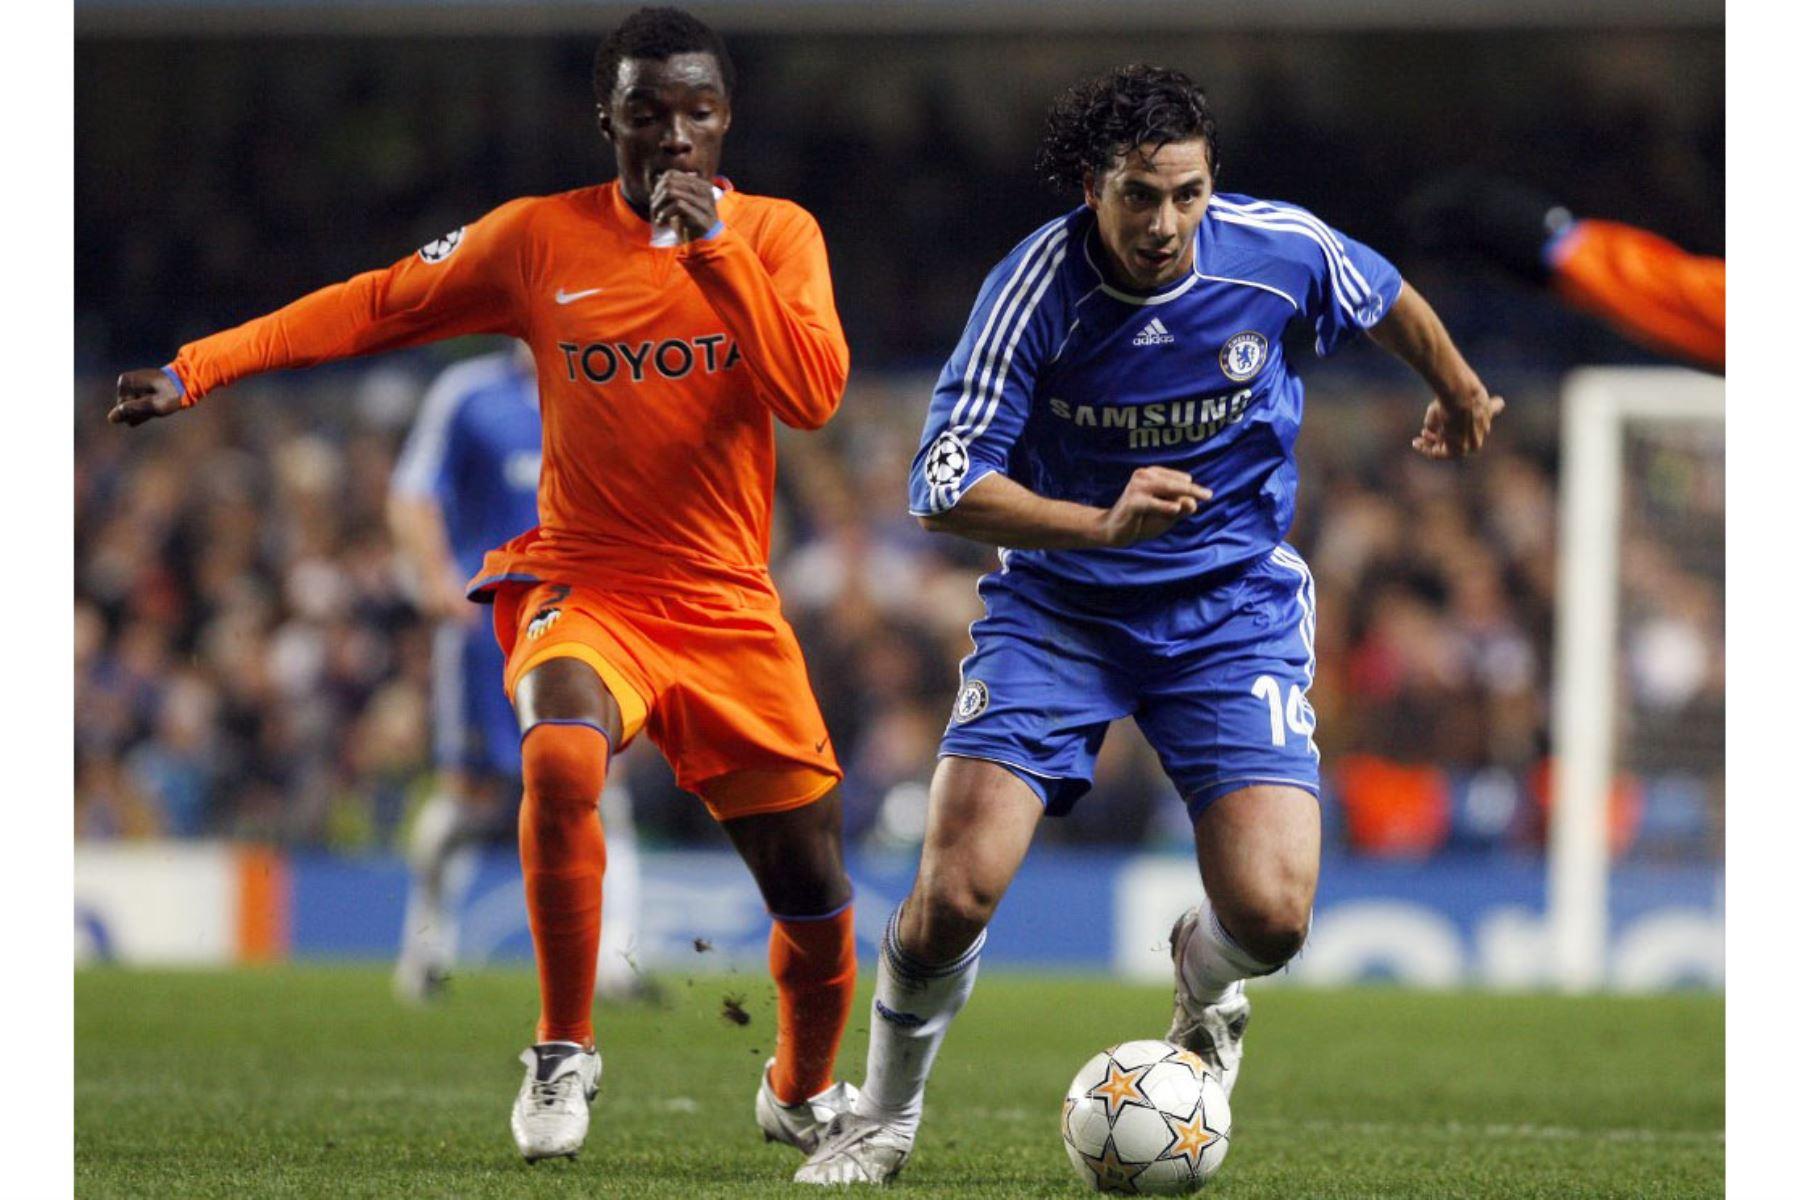 Claudio Pizarro del  Chelsea compite por el balón contra Sunny de Valencia durante el partido del Grupo B de la Liga de Campeones en Stamford Bridge en Londres. Foto: AFP